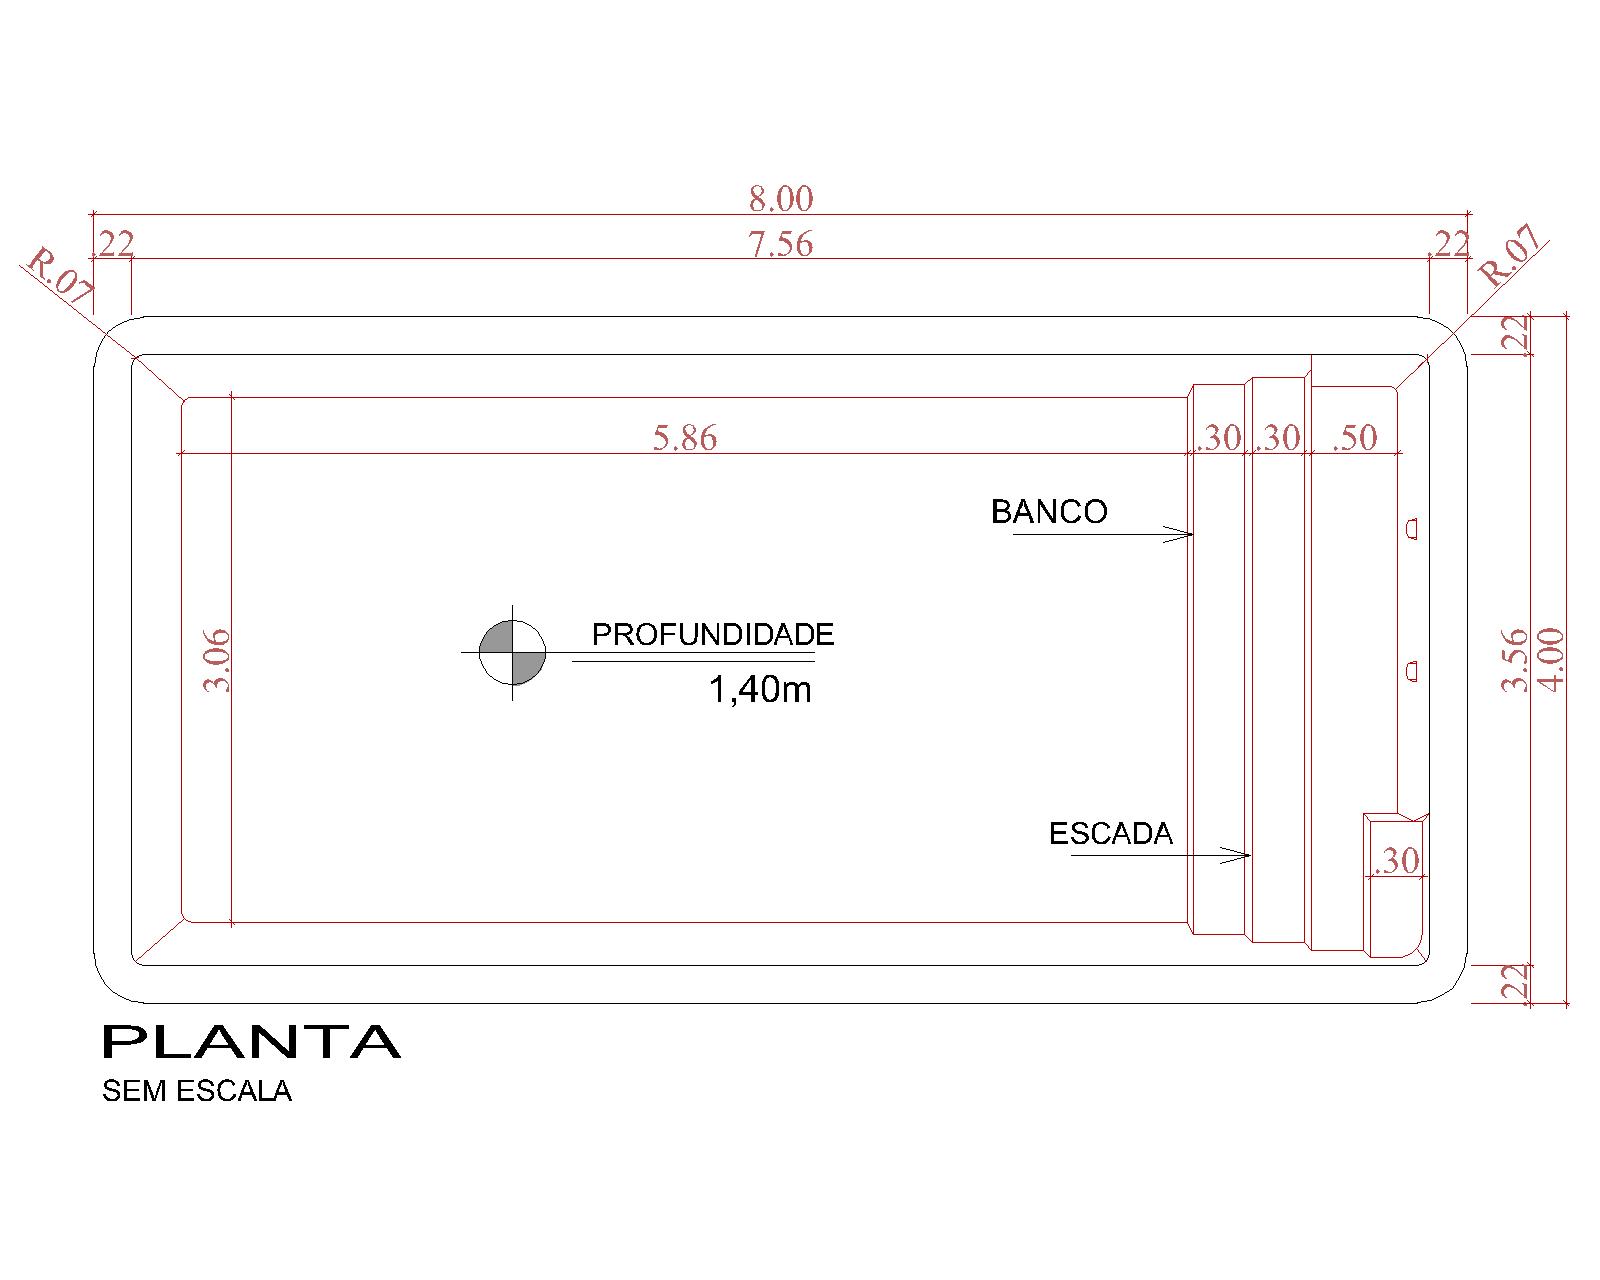 Desenho técnico Bali (sem escala)